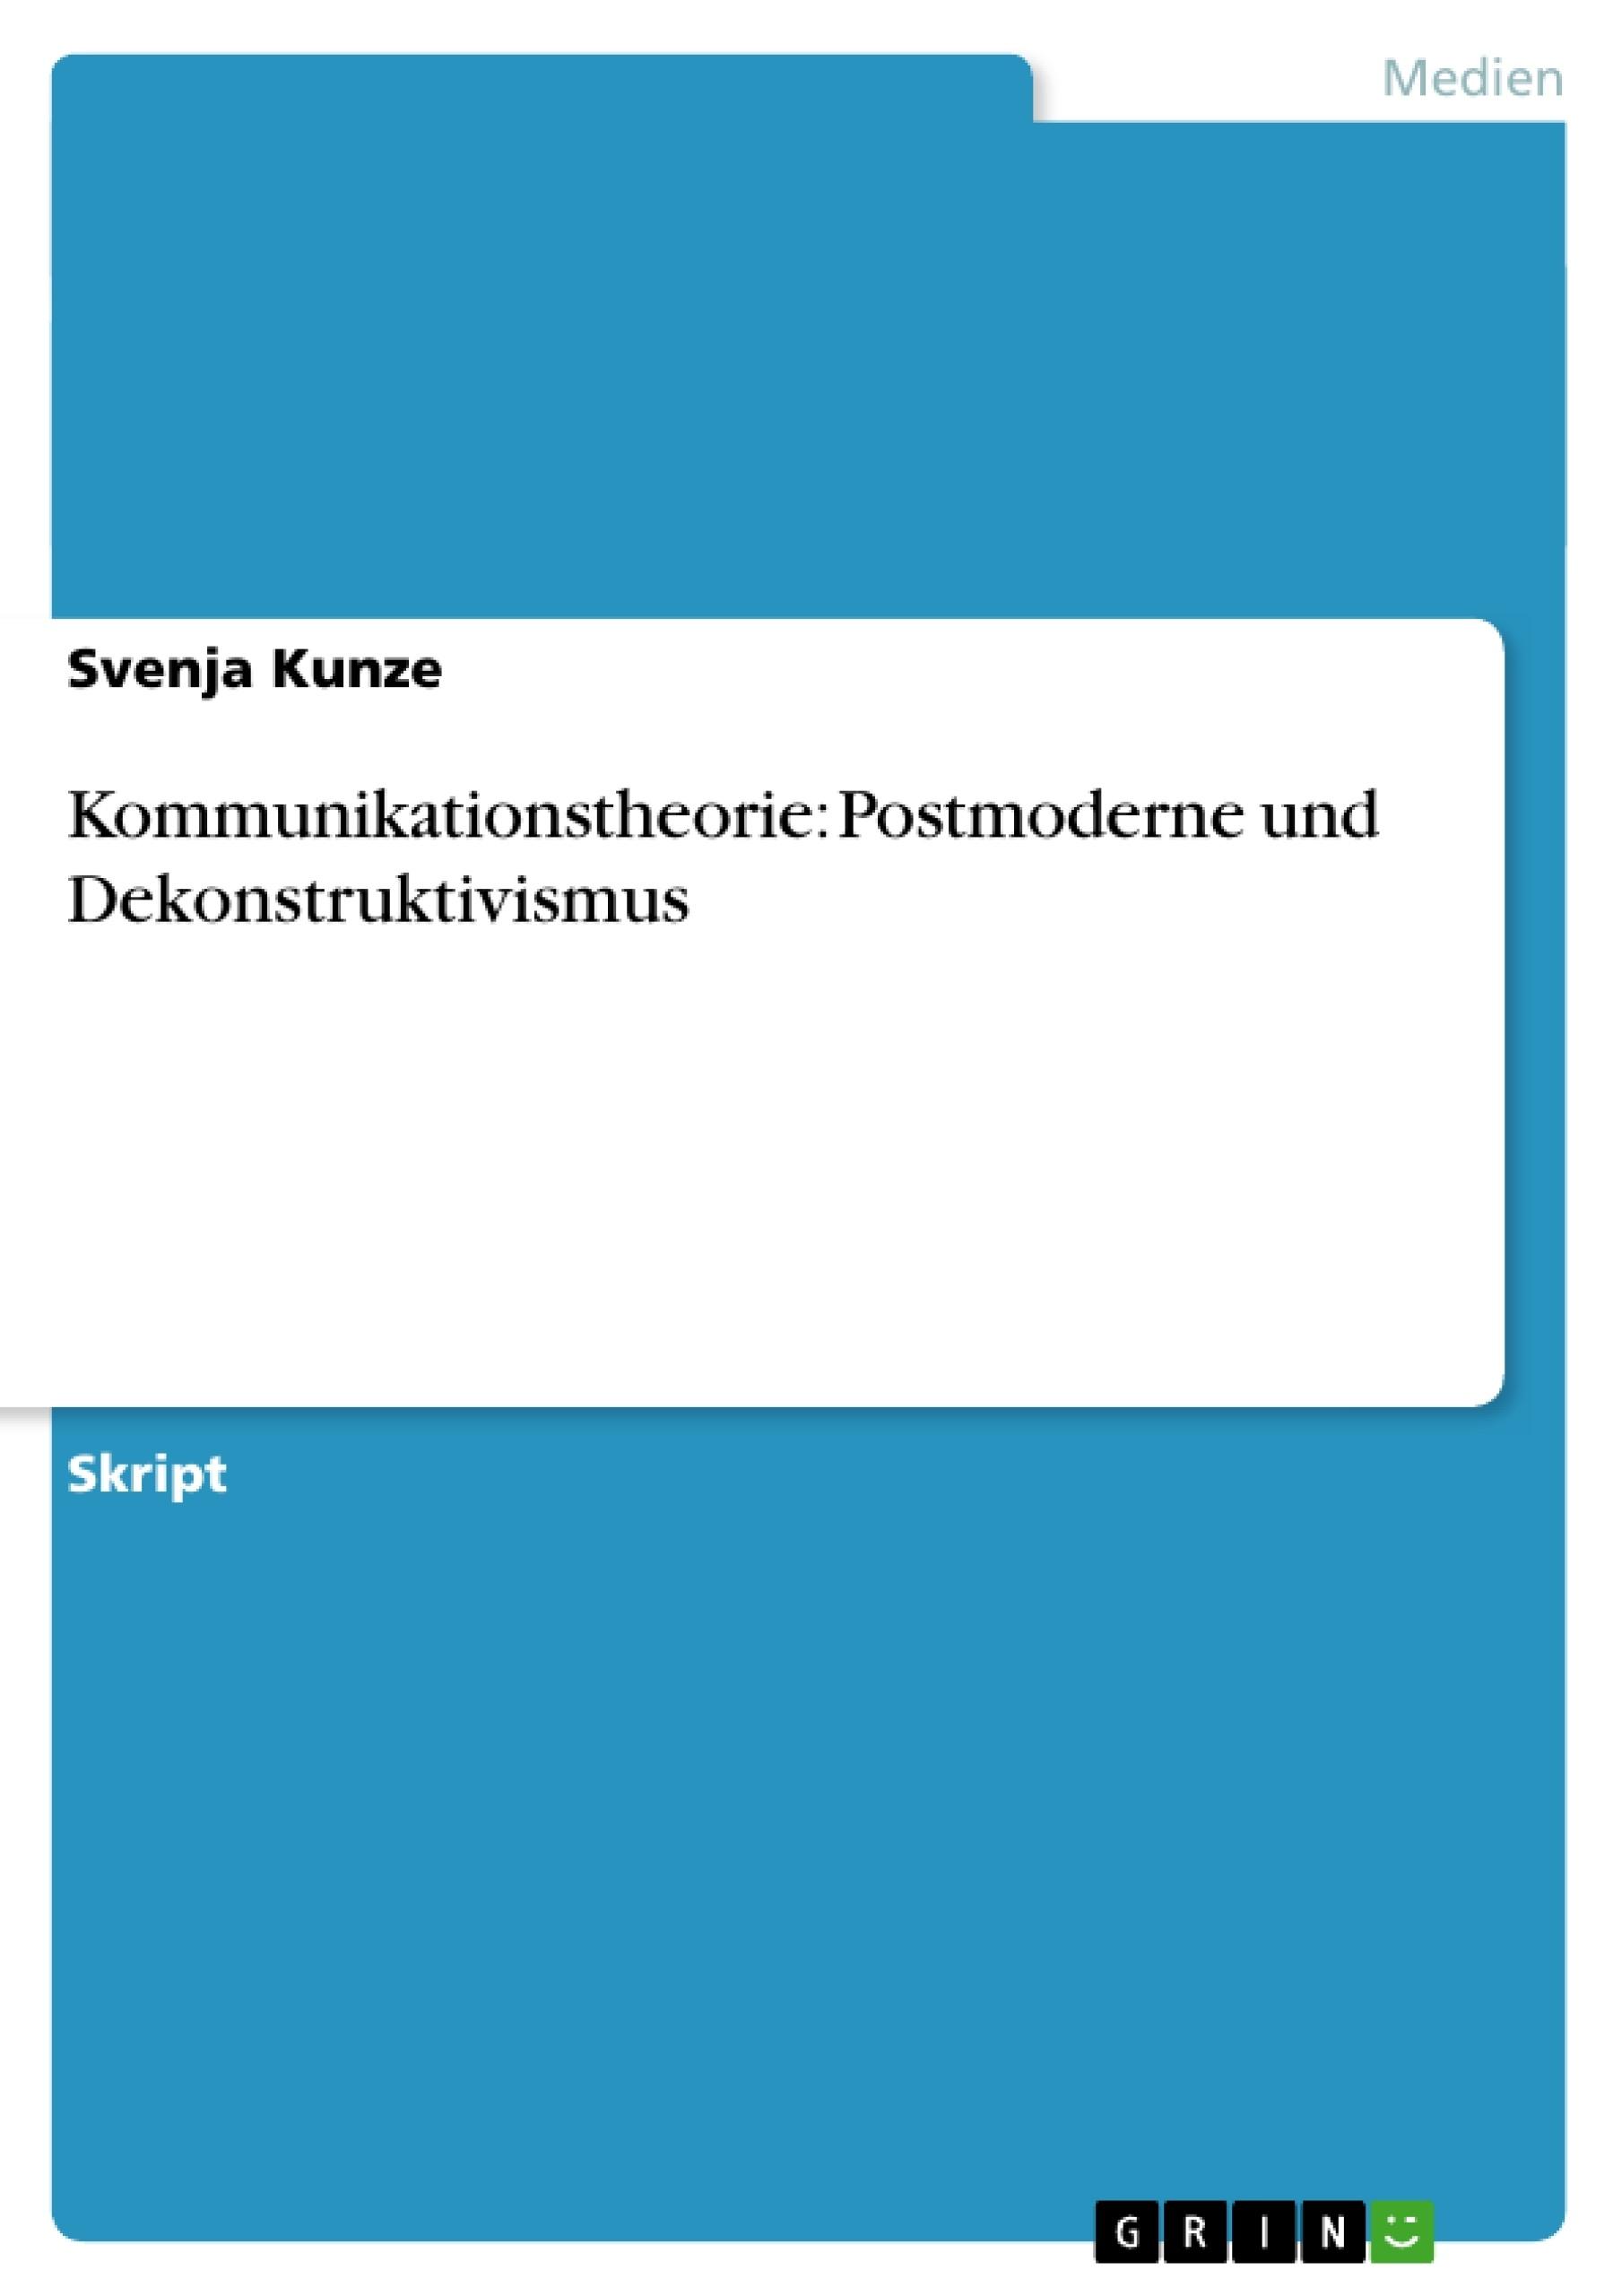 Titel: Kommunikationstheorie: Postmoderne und Dekonstruktivismus